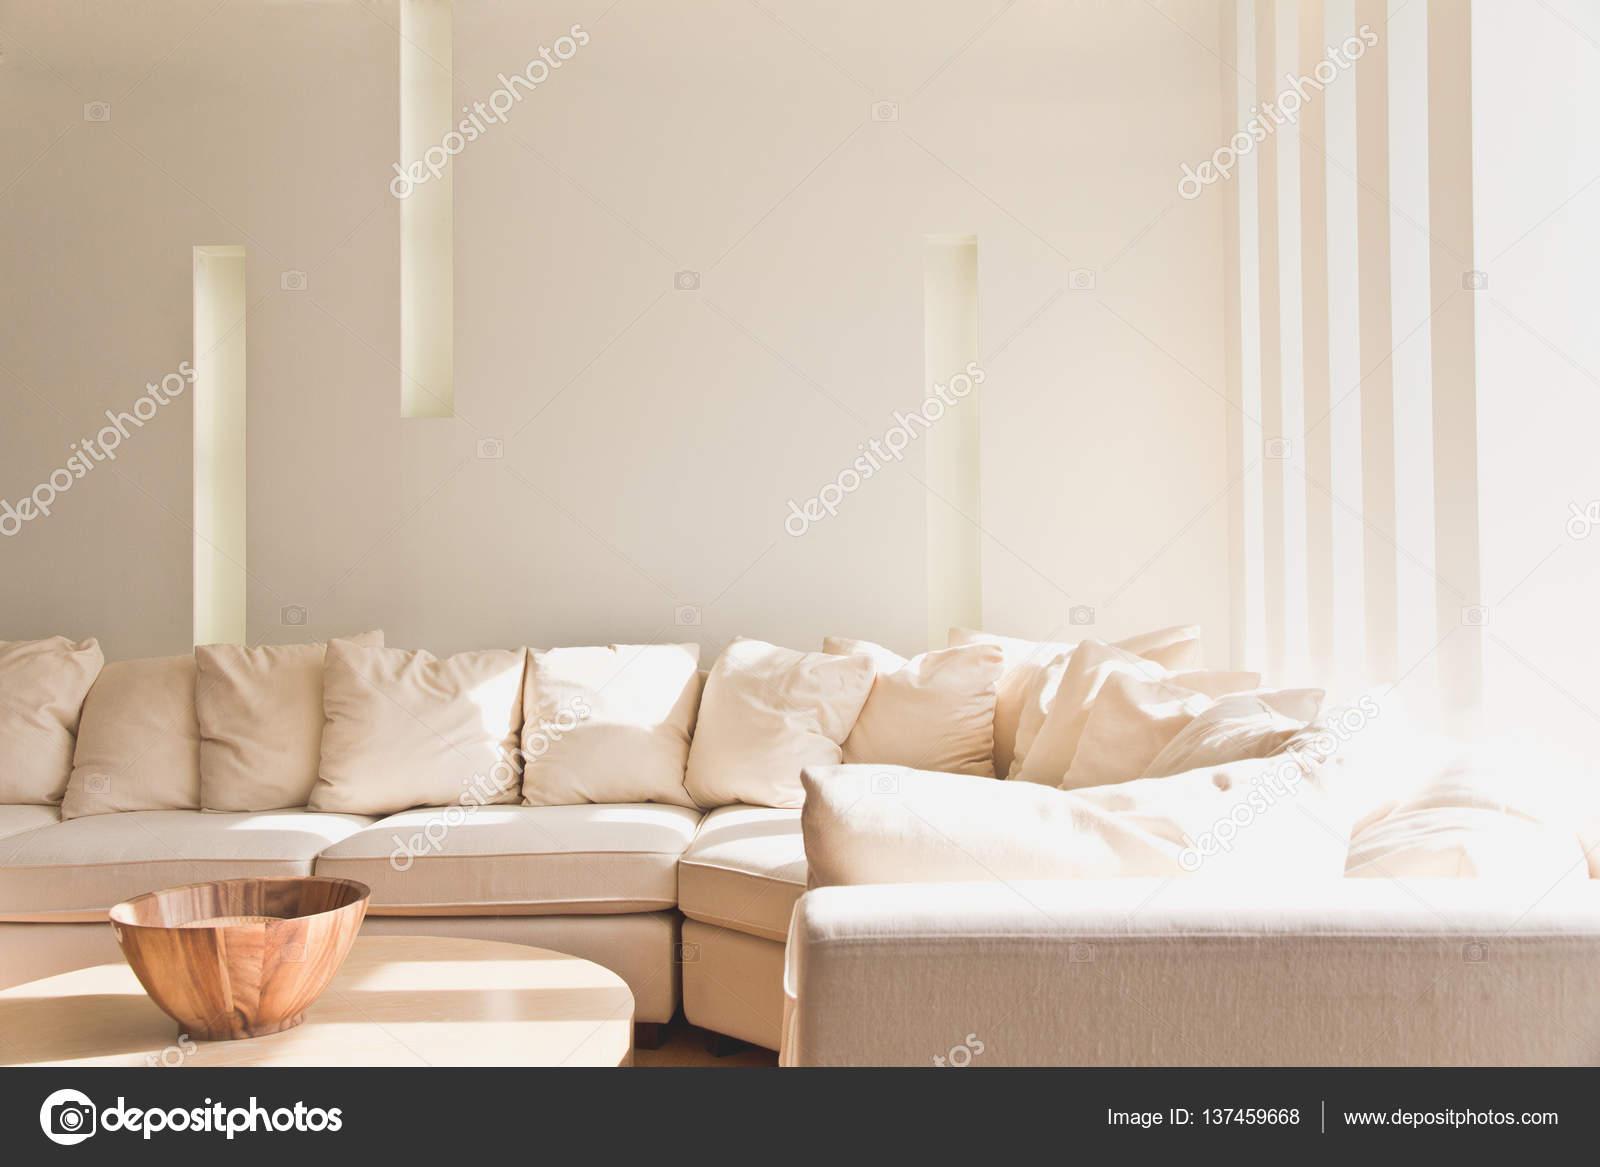 Hervorragend Wohnzimmer Hintergrund U2014 Stockfoto